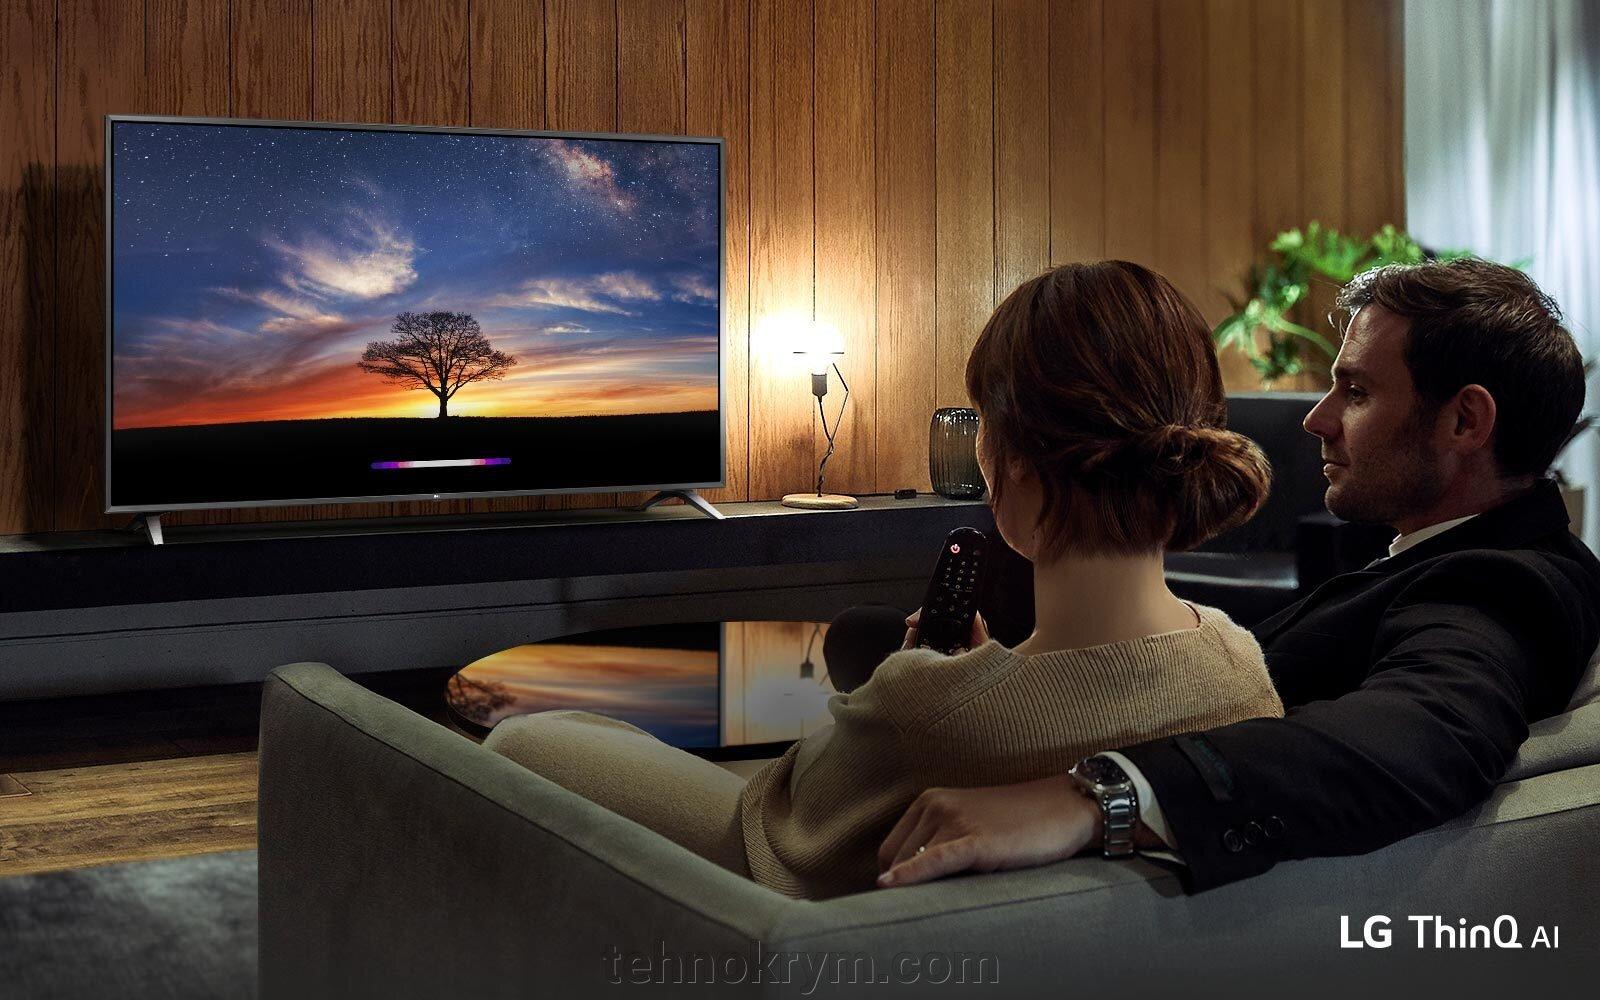 Smart Телевизор LG 49UM7450PLA, Ultra HD 4K, WebOS 4.5 - фото LG 49UM7450PLA